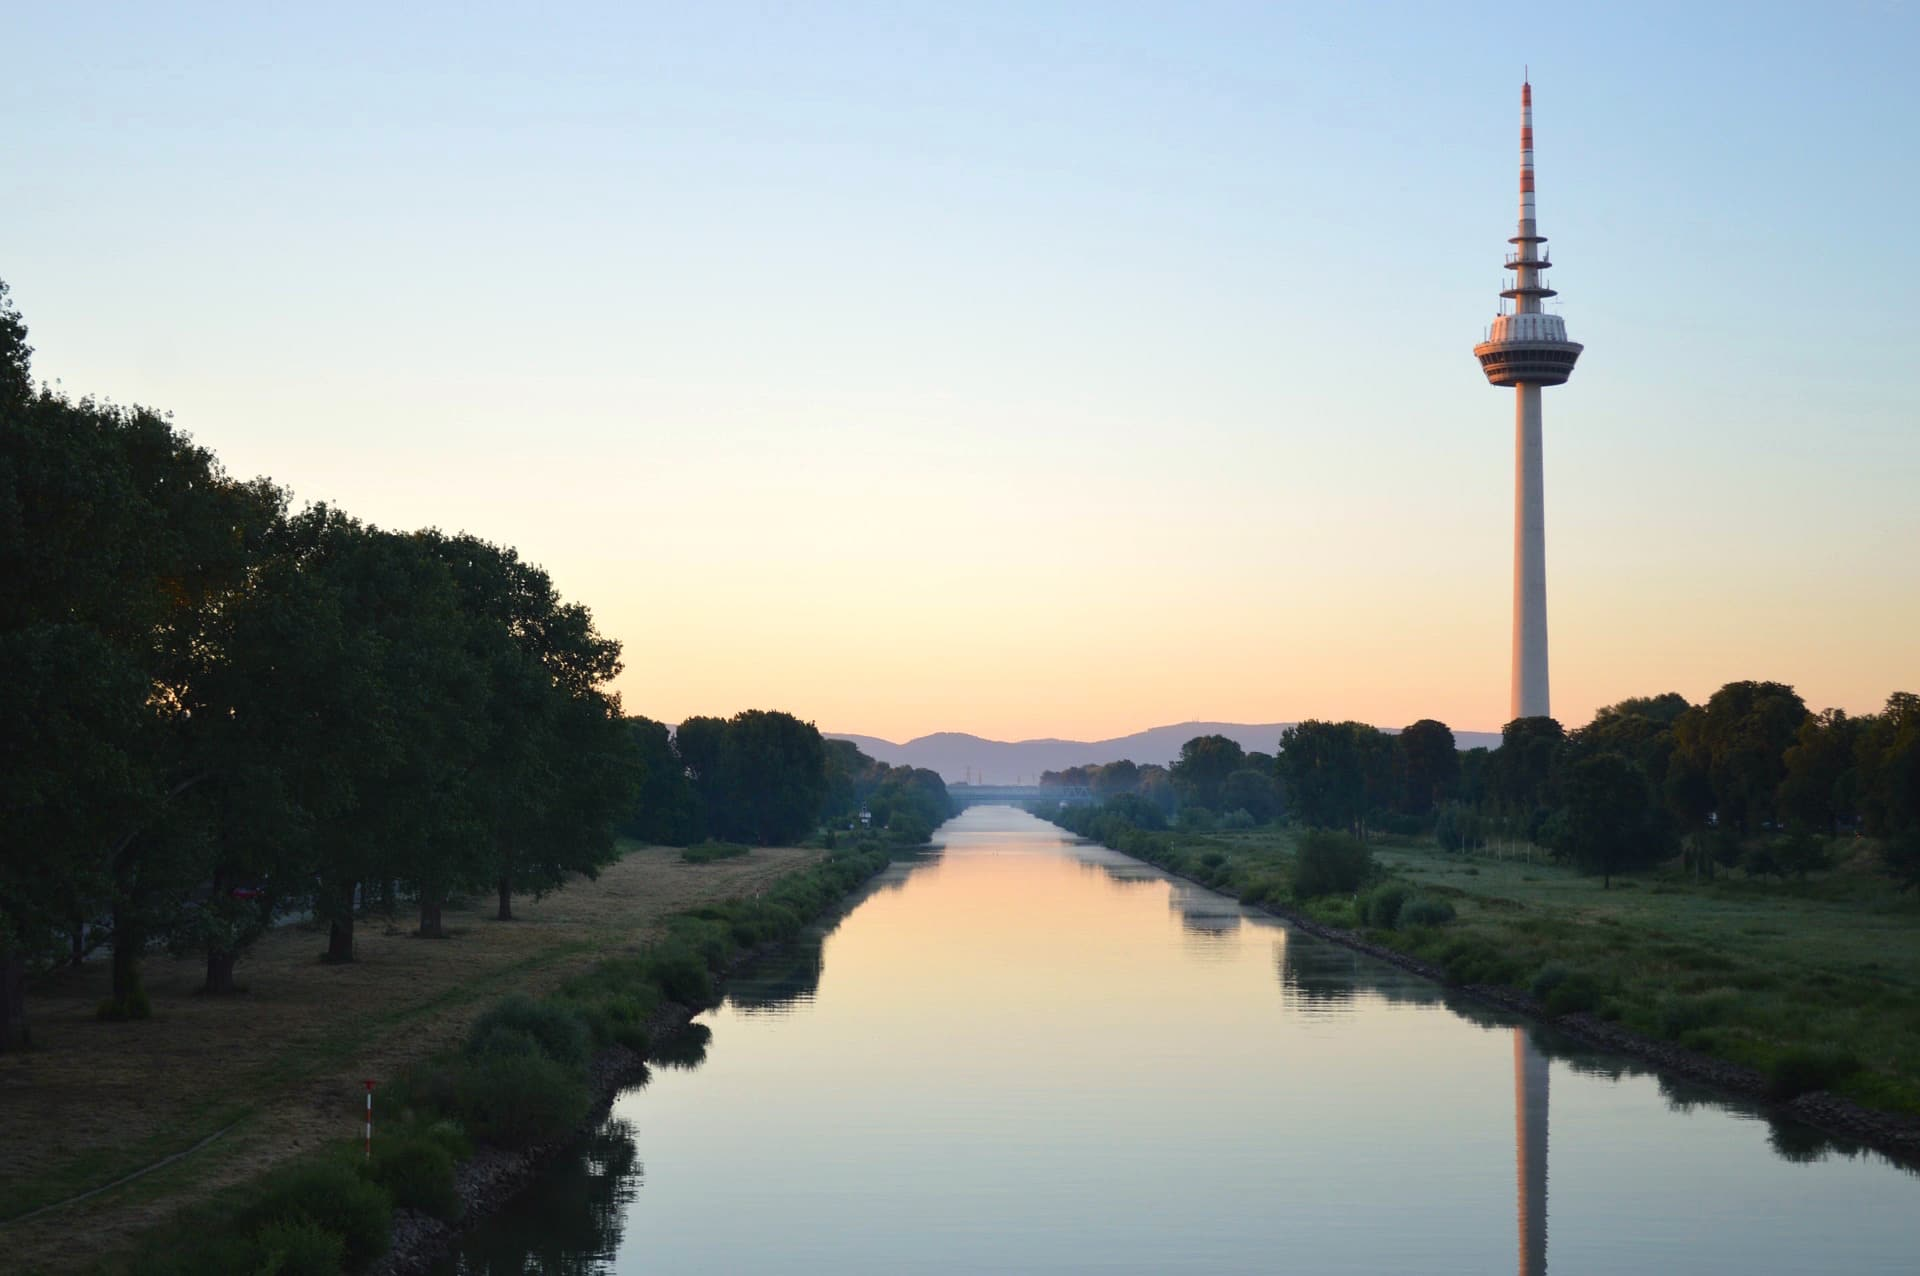 Fernmeldeturm Mannheim Rhein-Neckar: Infos & Tipps für die Metropolregion